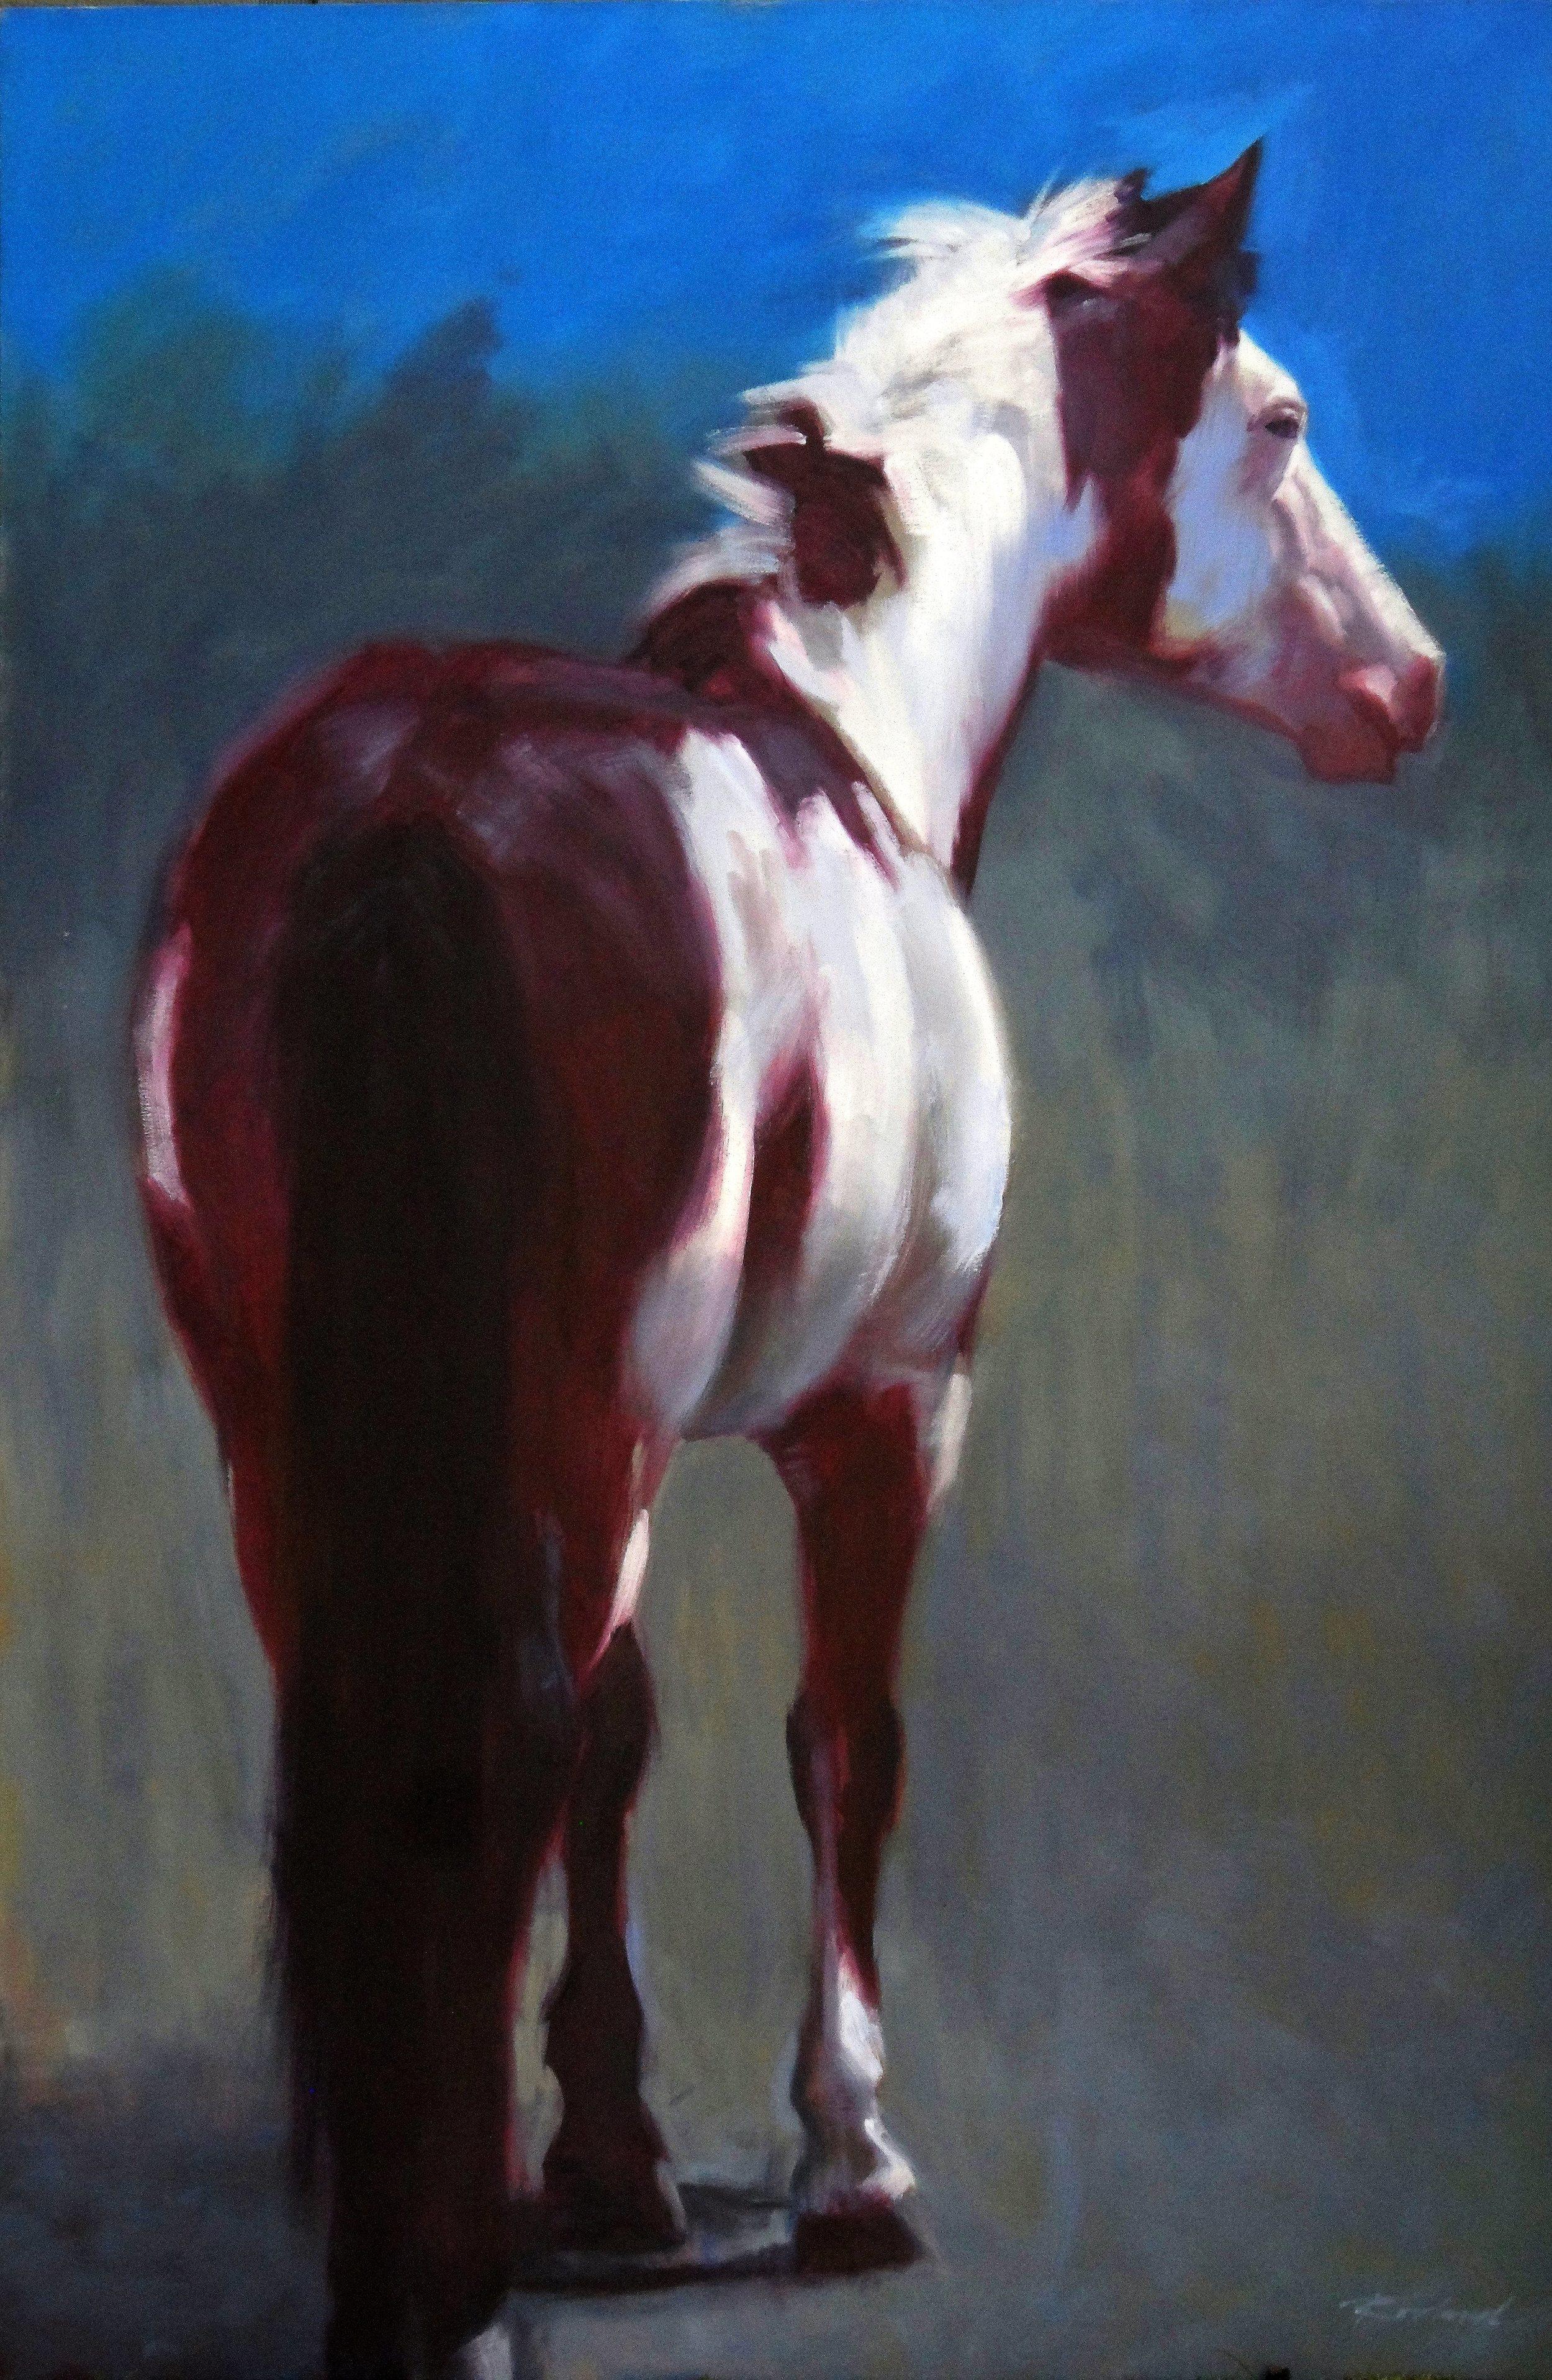 Moonlight Mustang_Edited_0001_Edited_Converted.JPG